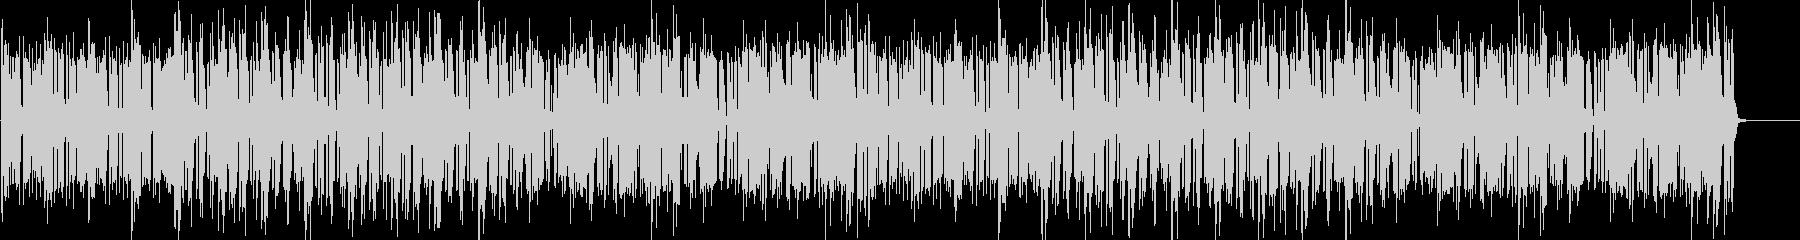 ドラムのリズムとピアノが印象的なBGMの未再生の波形